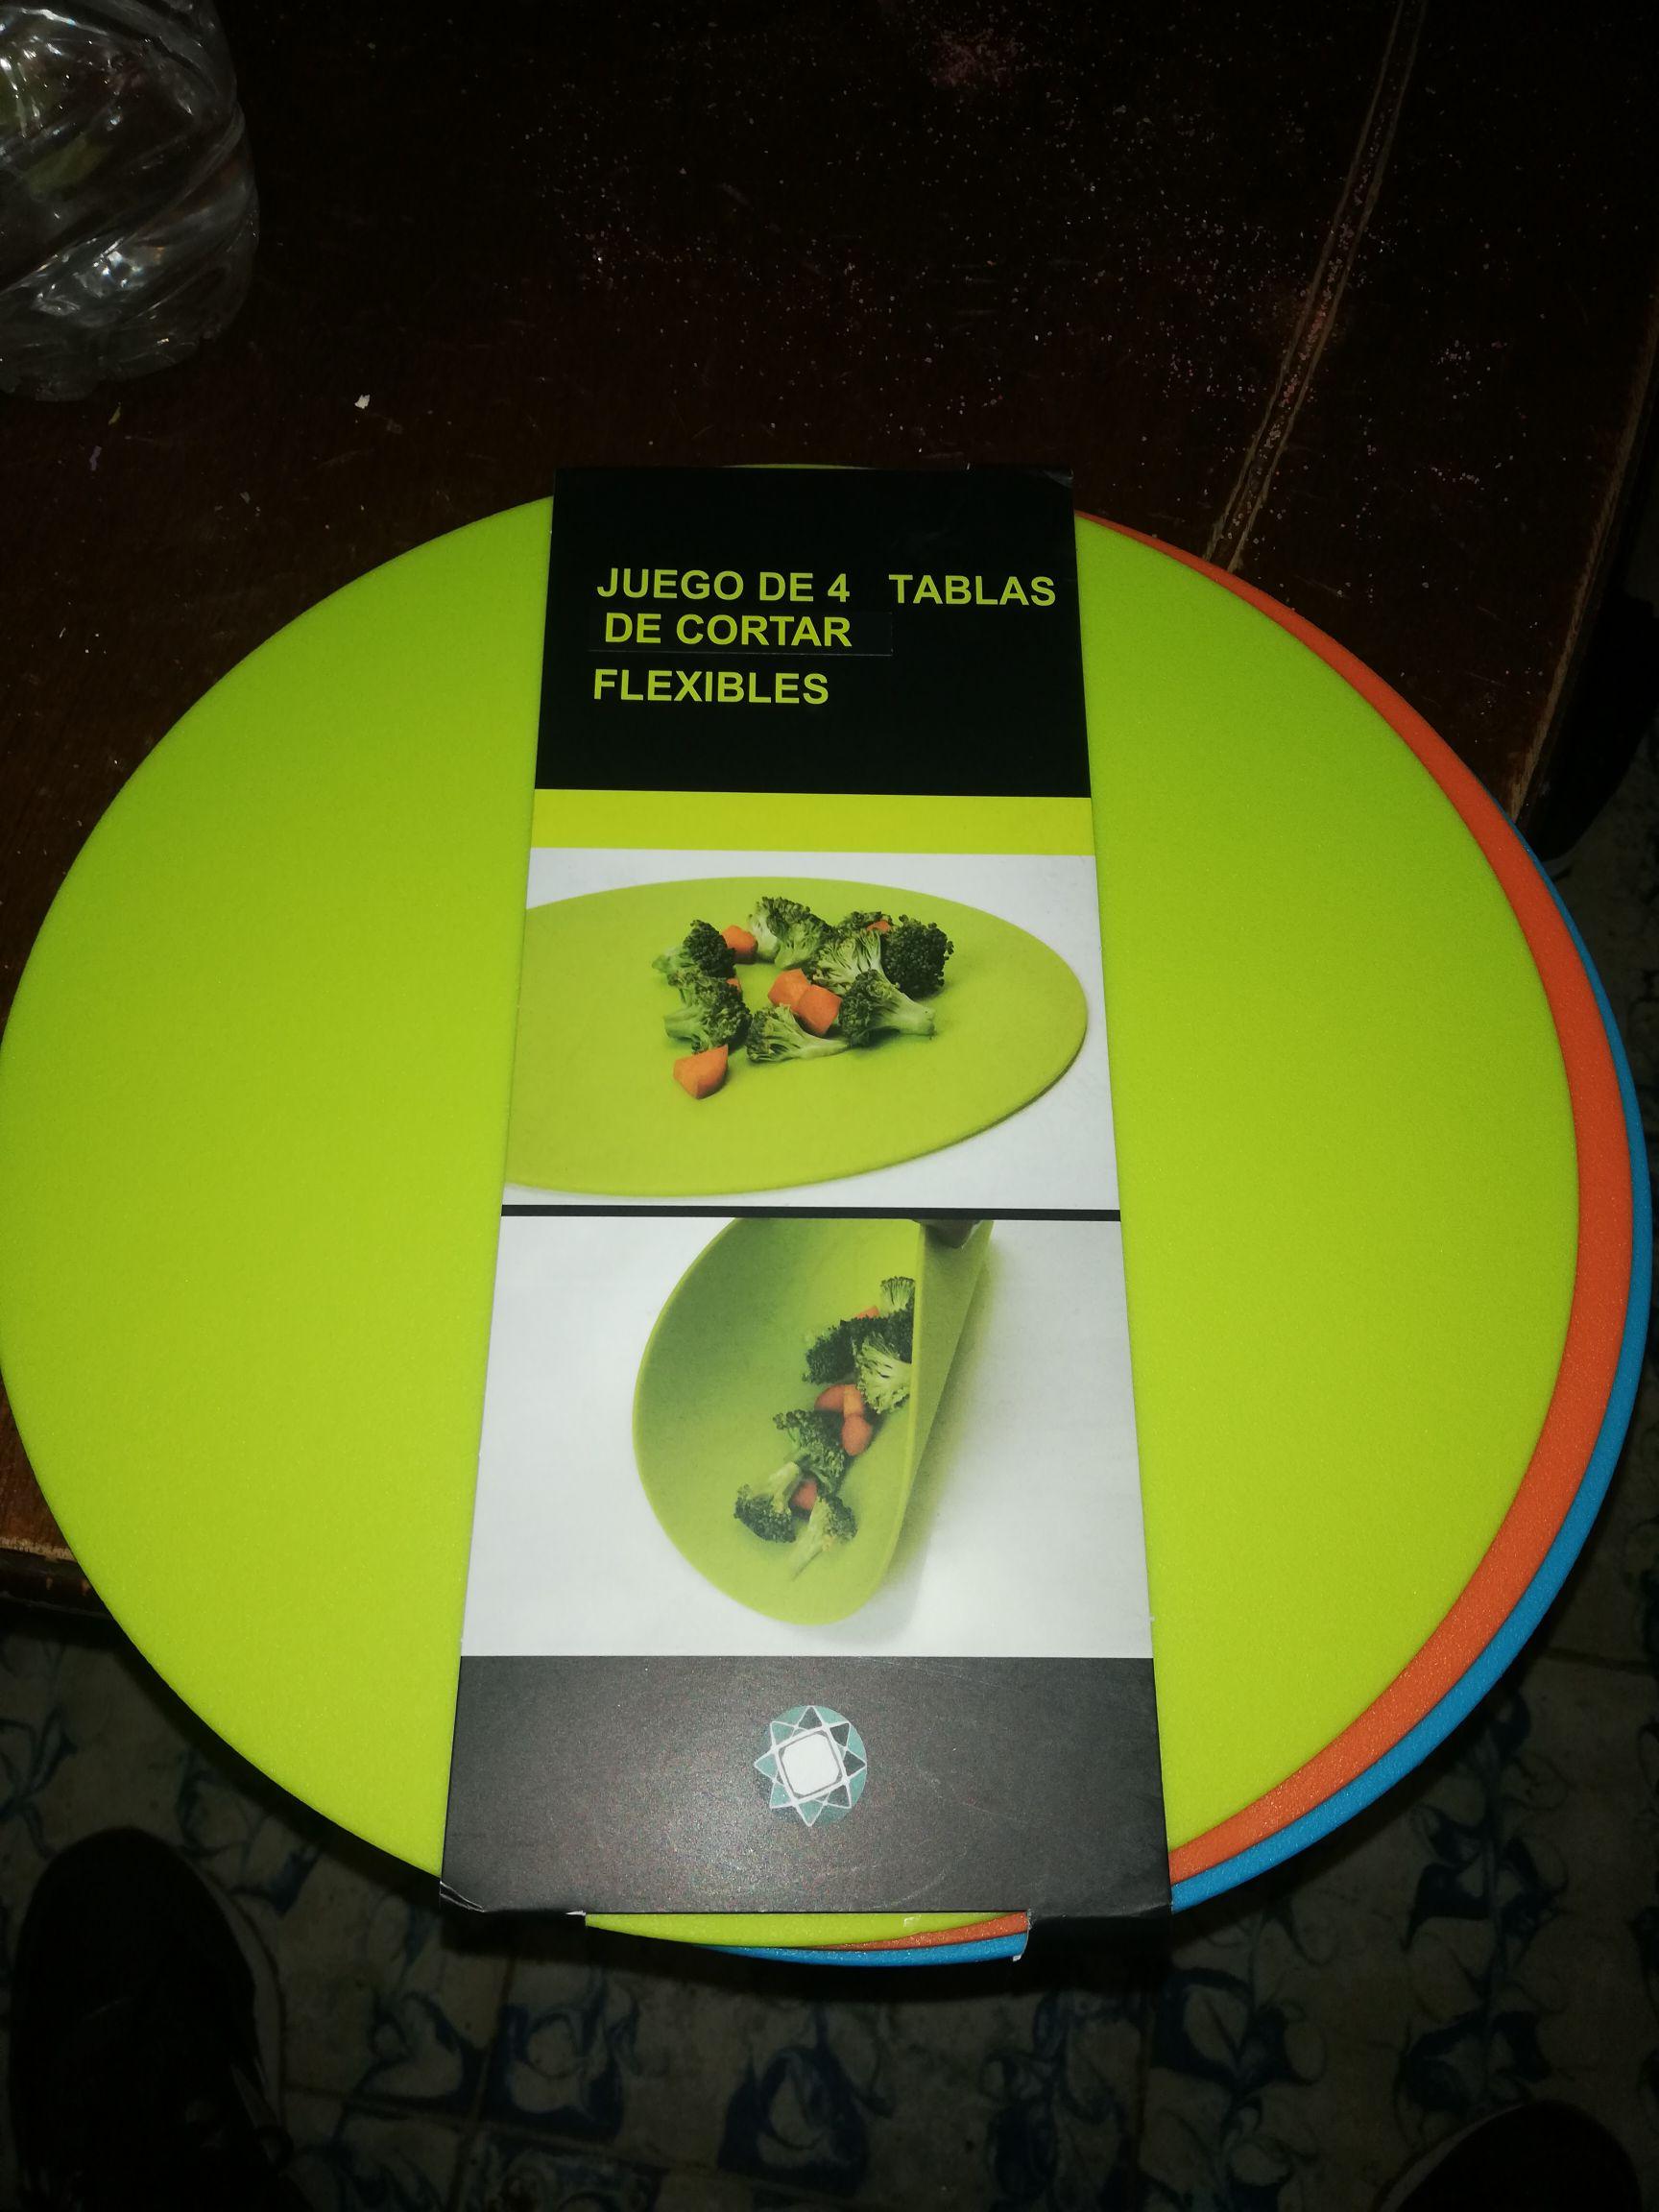 Chedraui acueducto: set de 4 tablas para picar y tenedores biodegradables en $1.01